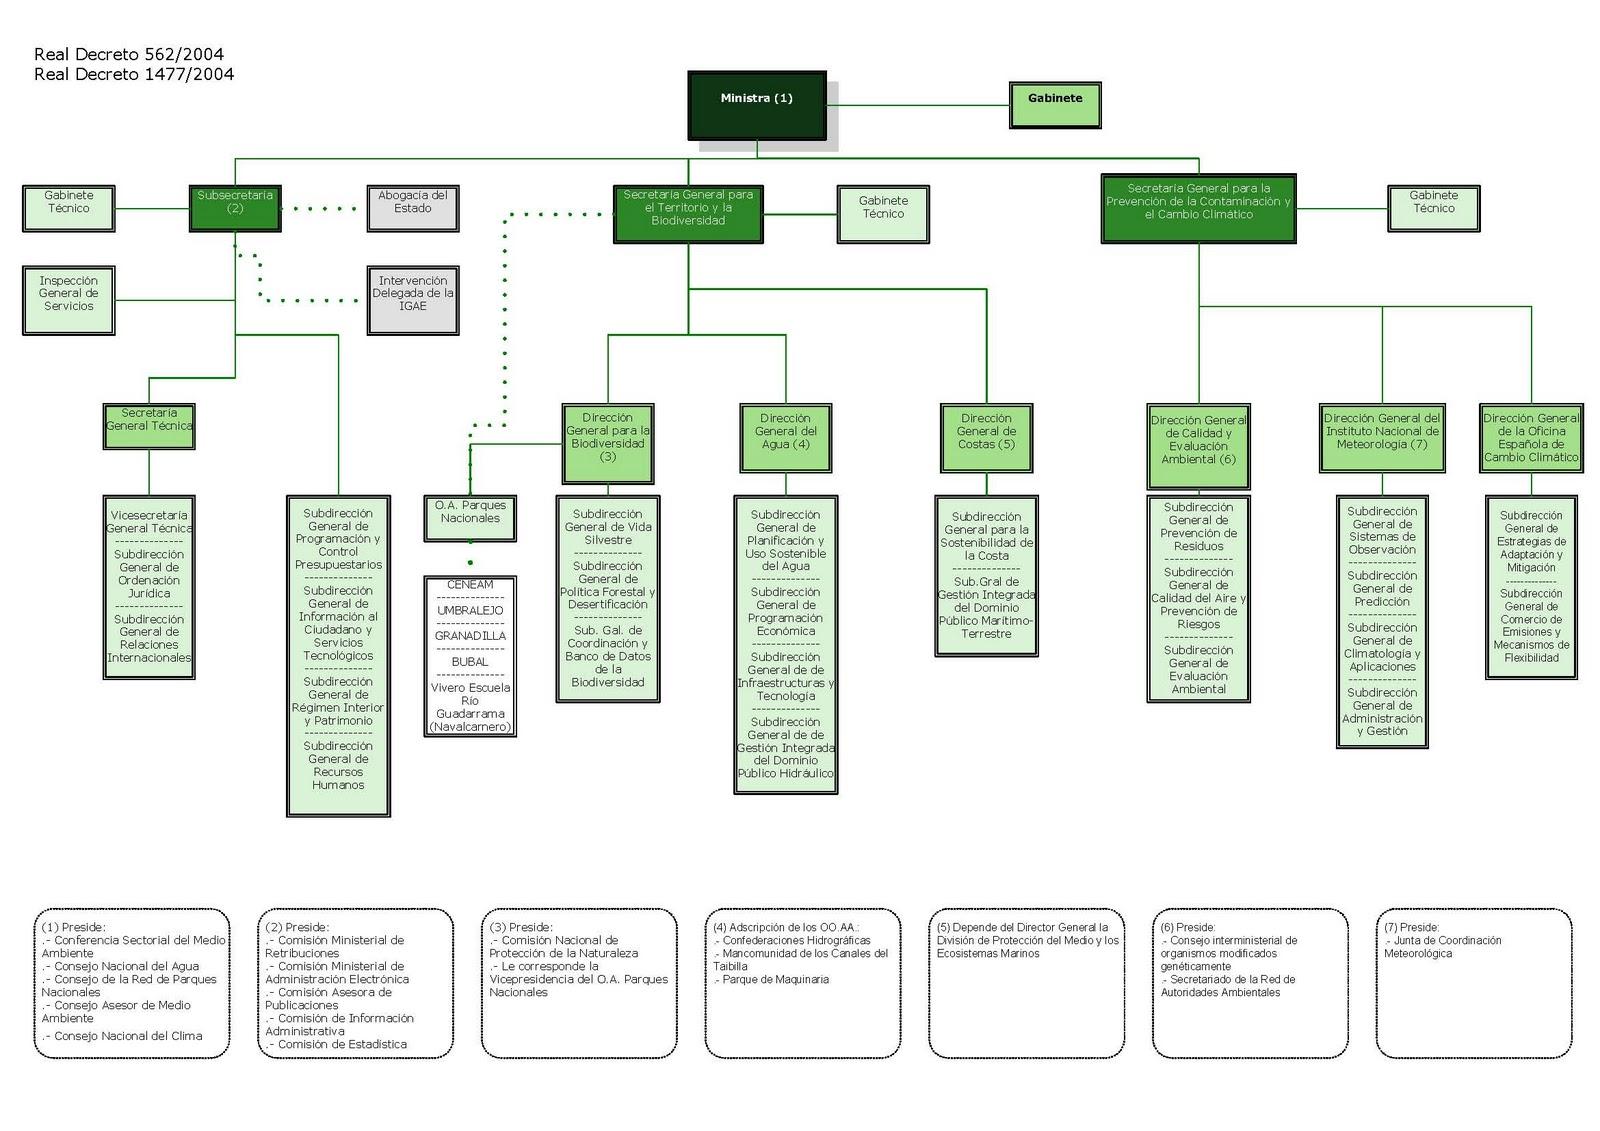 Derecho sociedad y medio ambiente enero 2012 for Ministerio del interior estructura